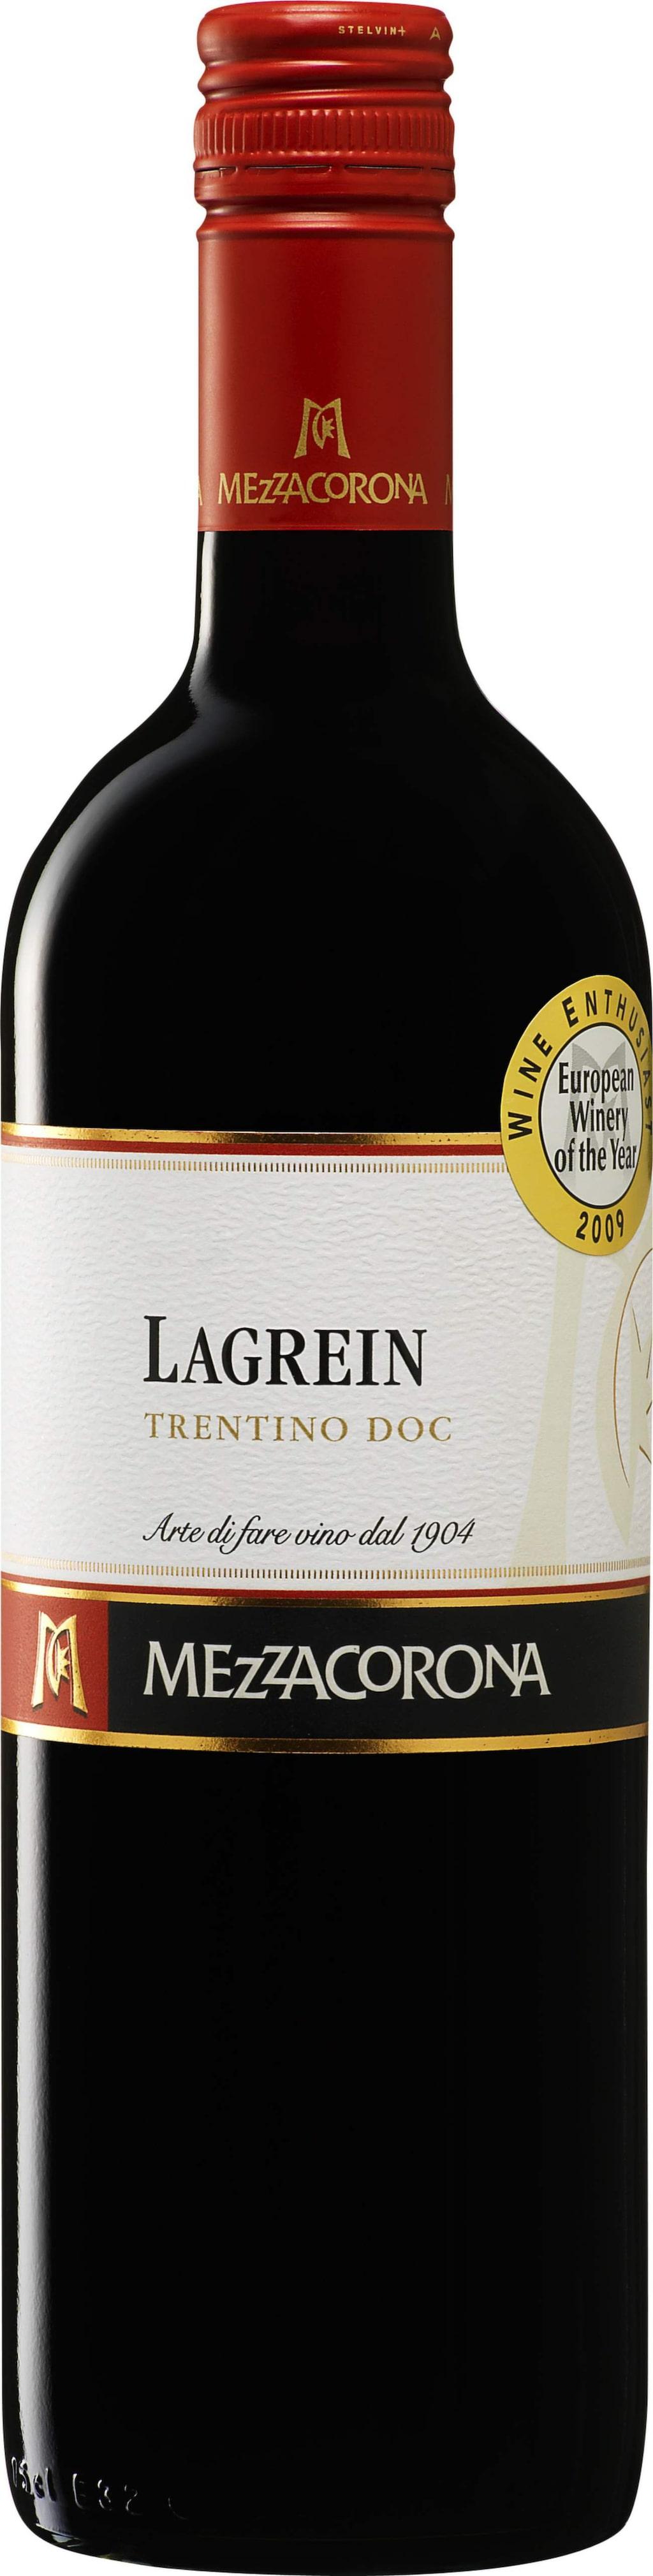 """<strong>Mezzacorona Lagrein 2012</strong><br>(22951) Italien, 69 kronor<br>Mjukt med inslag av körsbär, blåbär, örter, lite lakrits. Passar till exempelvis en vegetarisk lasagne.<br><exp:icon type=""""wasp""""></exp:icon><exp:icon type=""""wasp""""></exp:icon><exp:icon type=""""wasp""""></exp:icon><exp:icon type=""""wasp""""></exp:icon><exp:icon type=""""wasp""""></exp:icon>"""